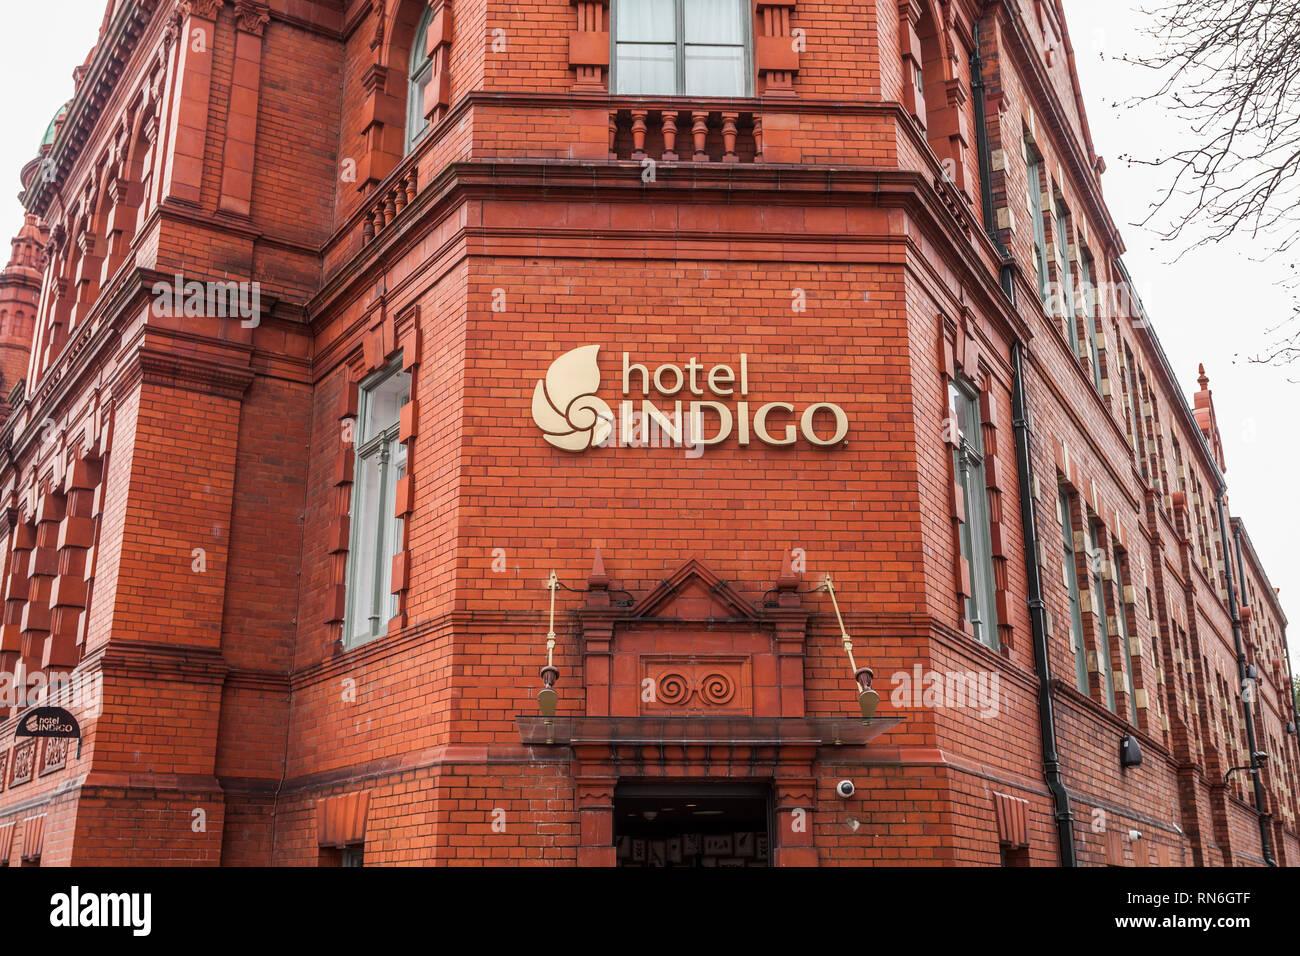 Hotel Indigo, Durham,England,UK - Stock Image